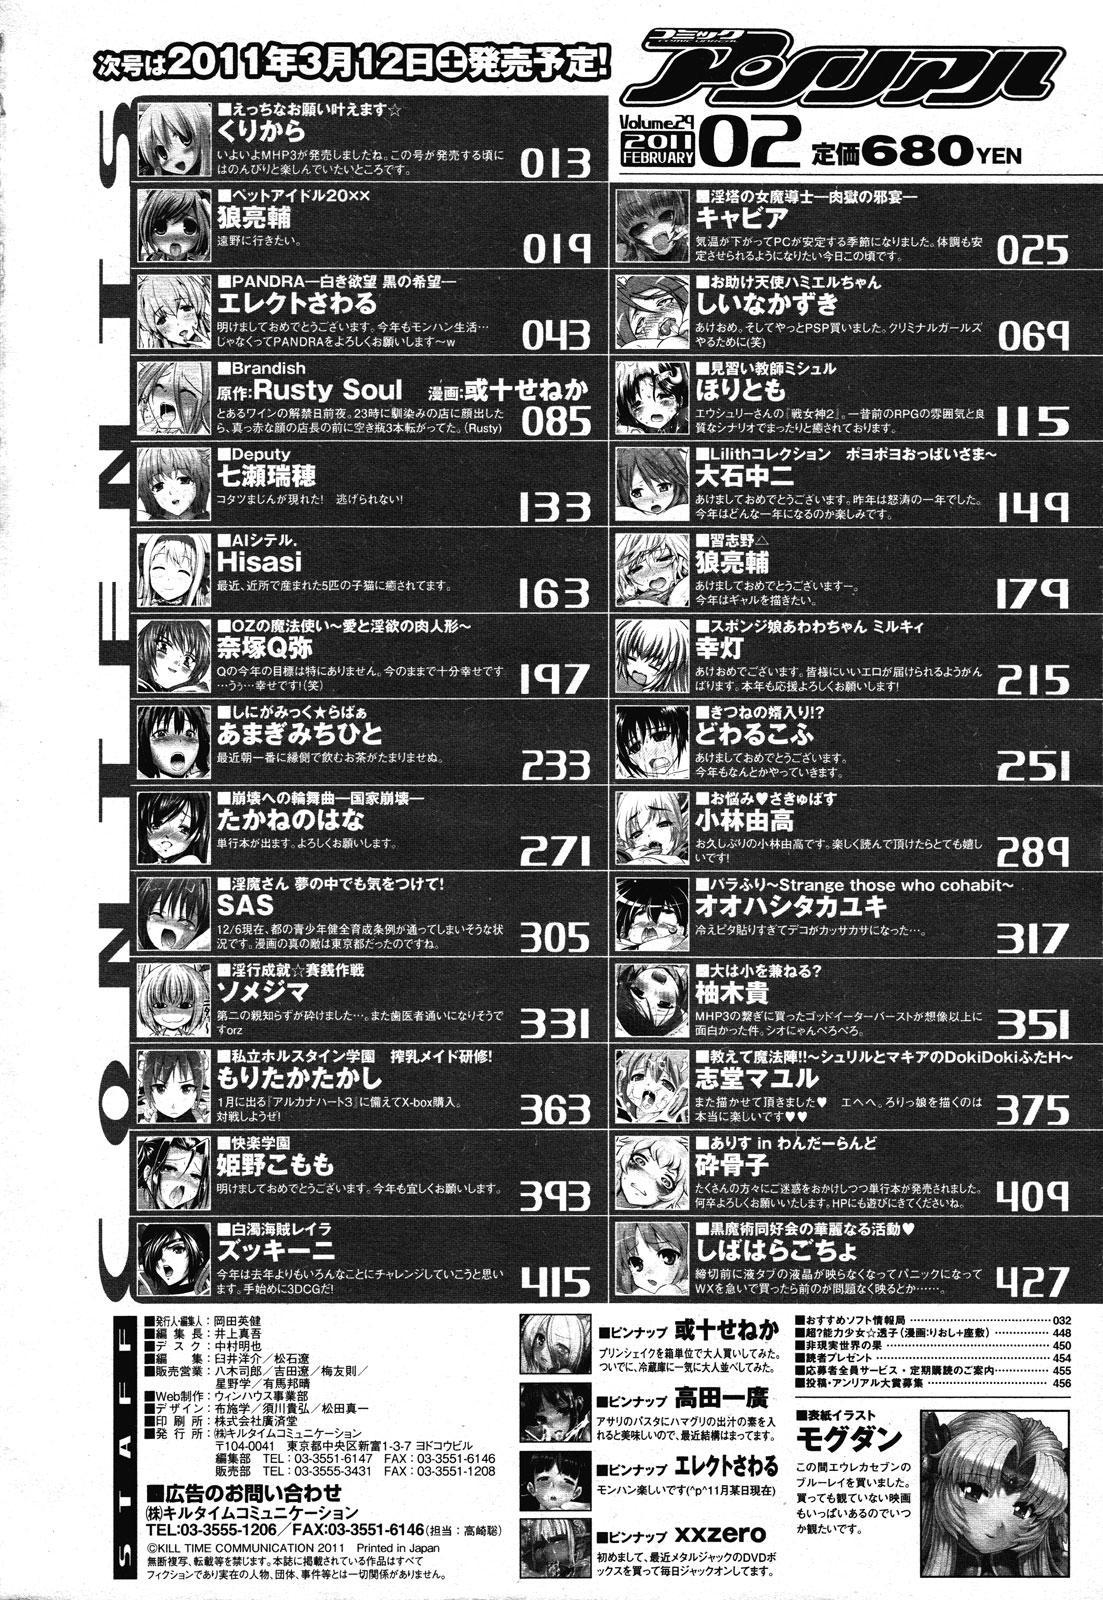 COMIC Unreal 2011-02 Vol. 29 + Mogudan Calendar 2011 455